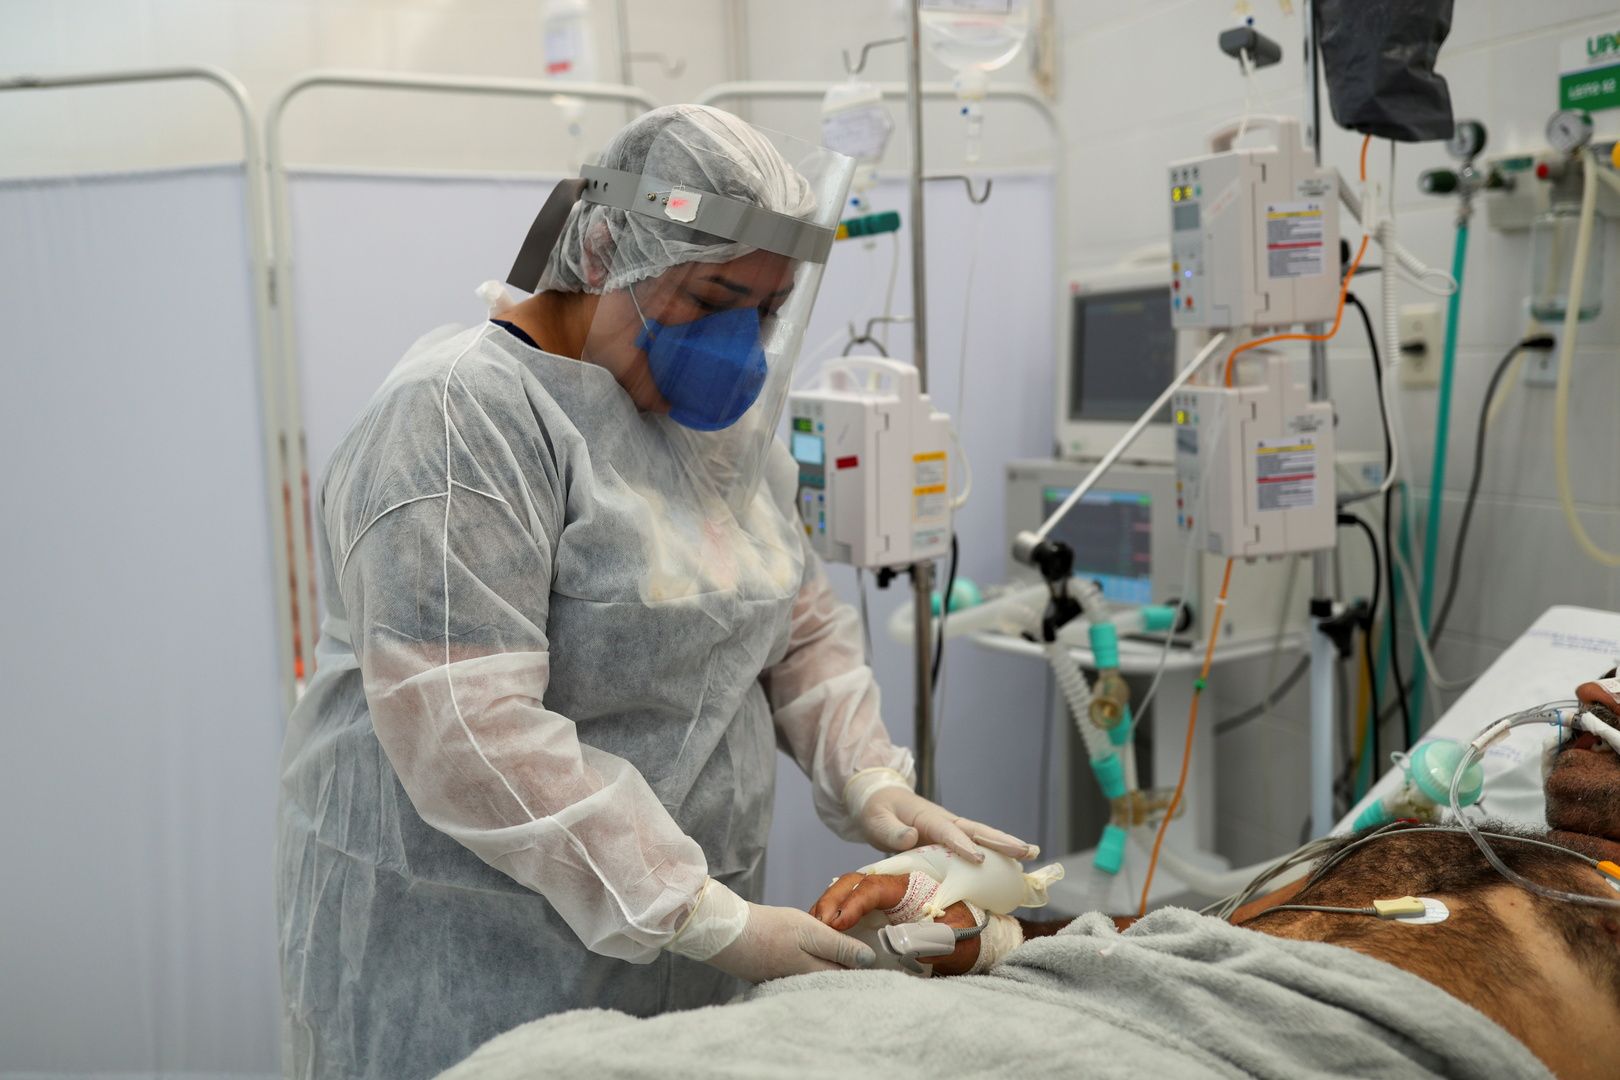 البرازيل تسجل 3321 وفاة جديدة بفيروس كورونا